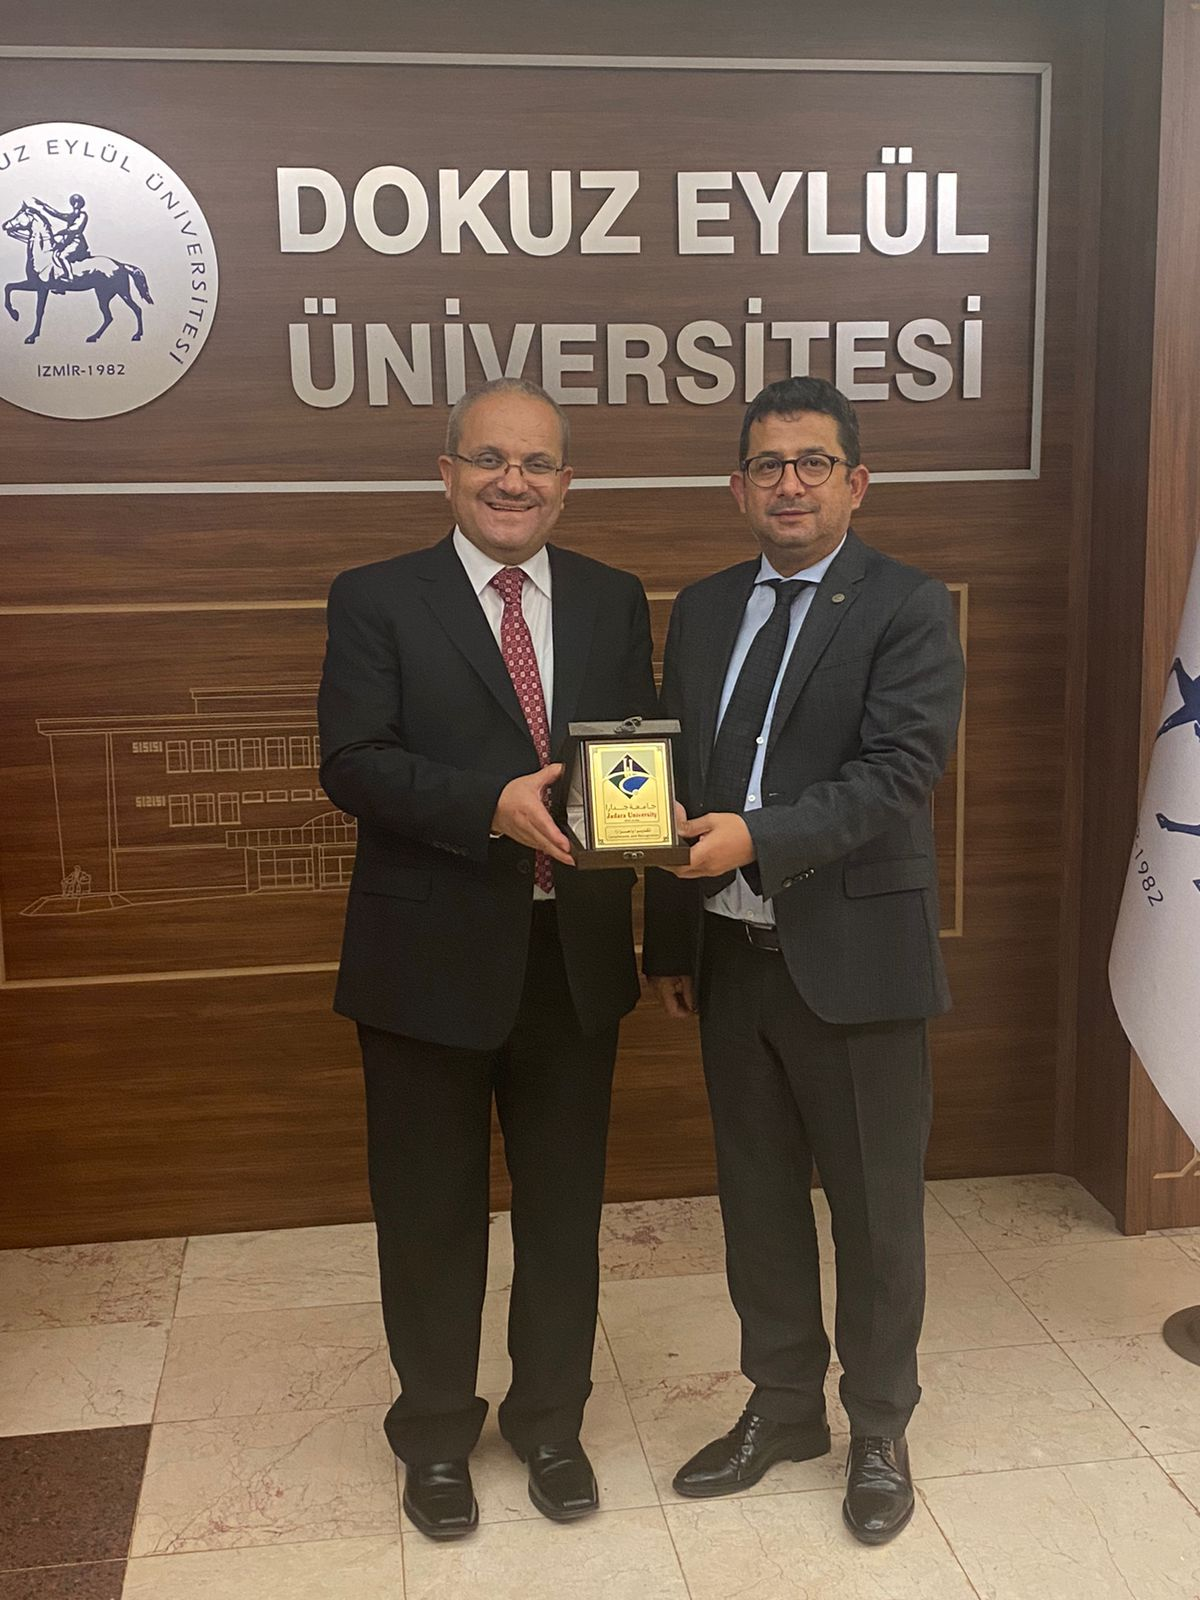 جامعة جدارا توقع مذكرة تفاهم مع جامعة دوكوز ايلول في إزمير التركية